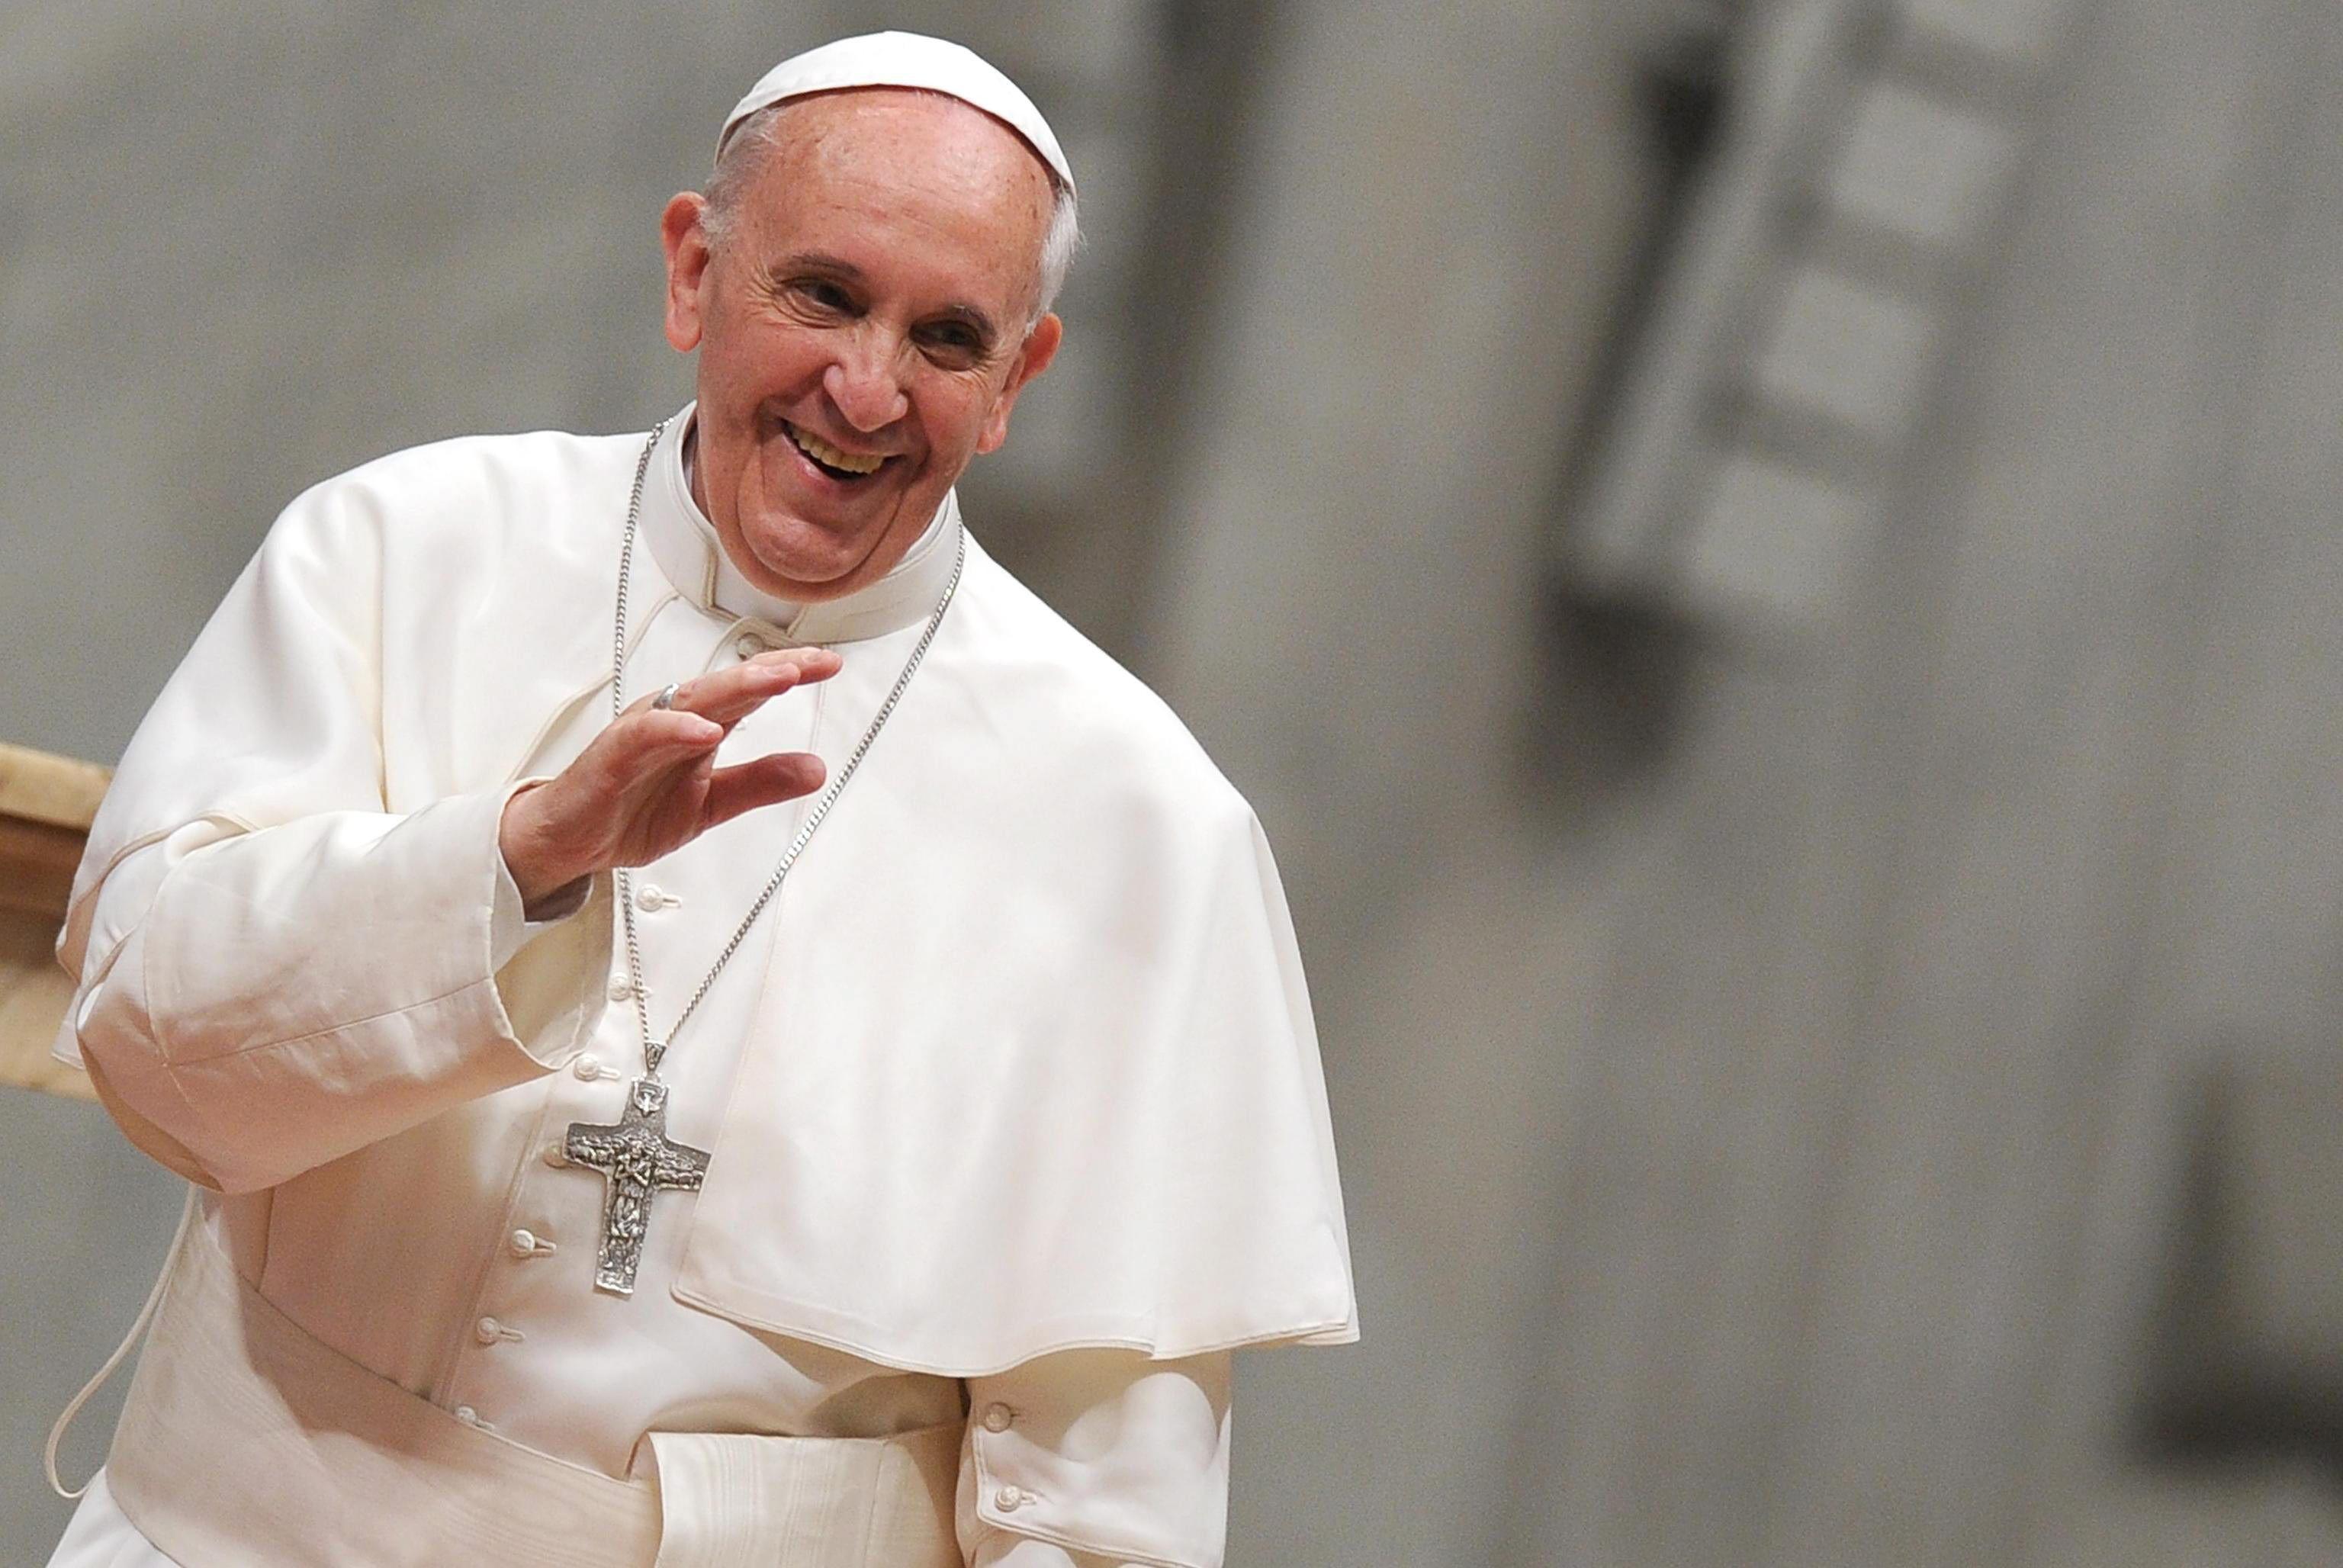 El historiador y sobrino de Juan XXIII destaca sus semejanzas con Francisco